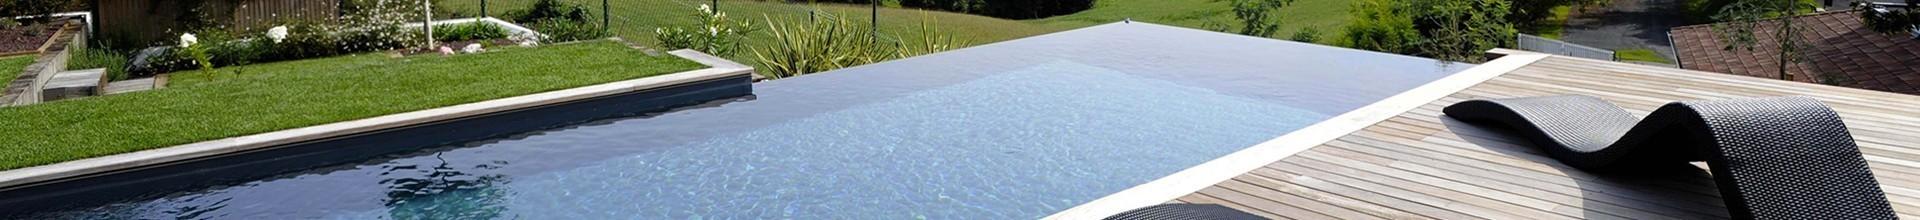 Direct usine, piscine coque prix Berne